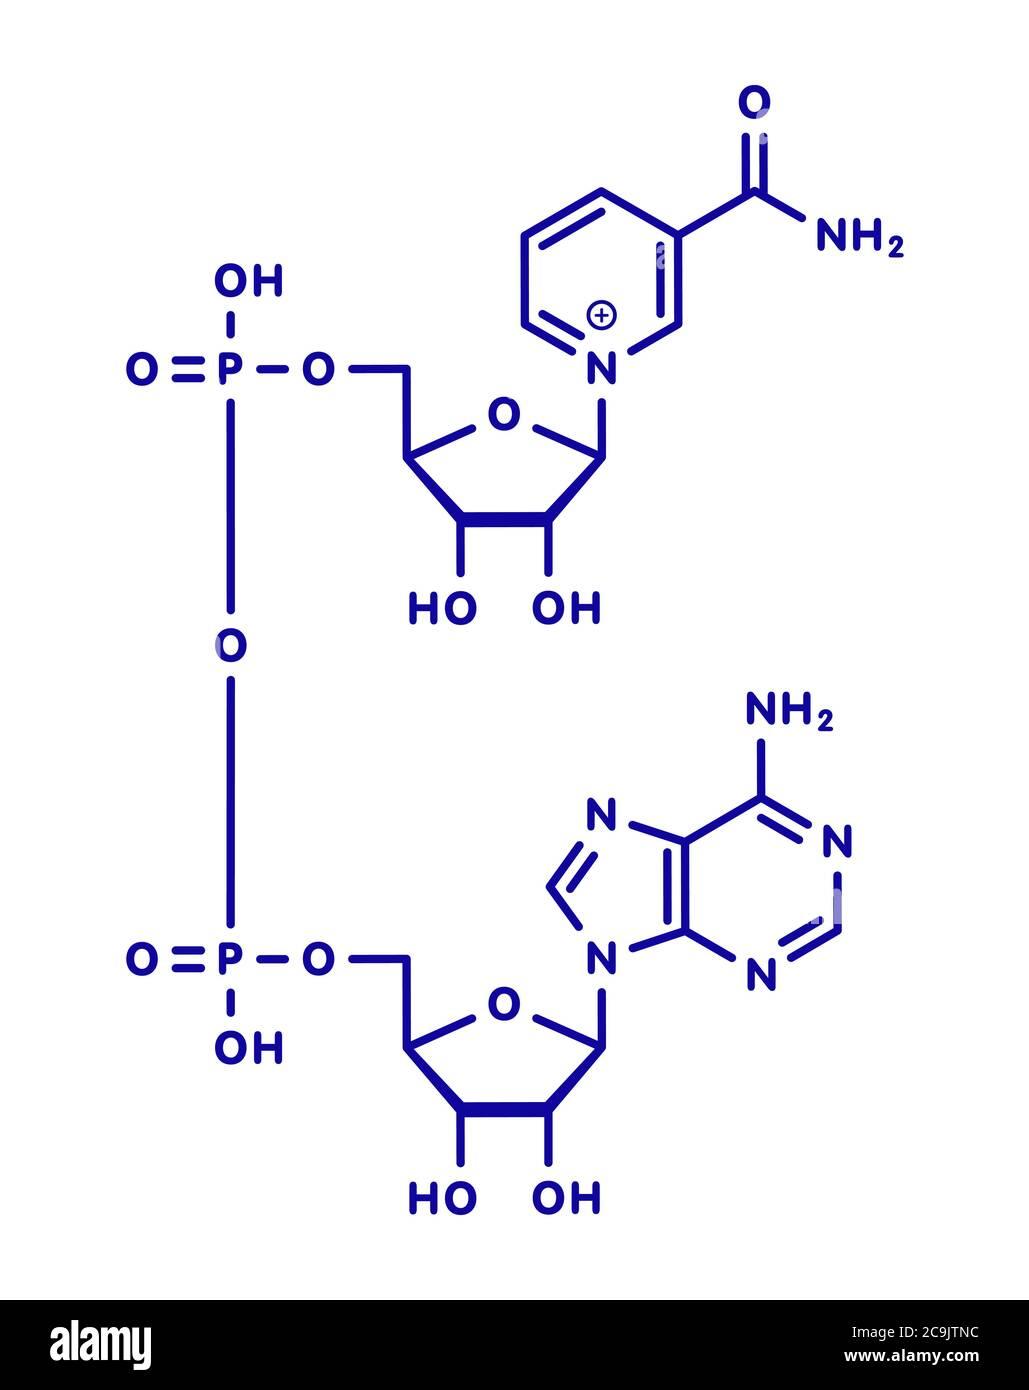 Molécule de coenzyme nicotinamide adénine dinucléotide (NAD+). Coenzyme importante dans de nombreuses réactions de redox. Formule squelette bleu sur fond blanc. Banque D'Images